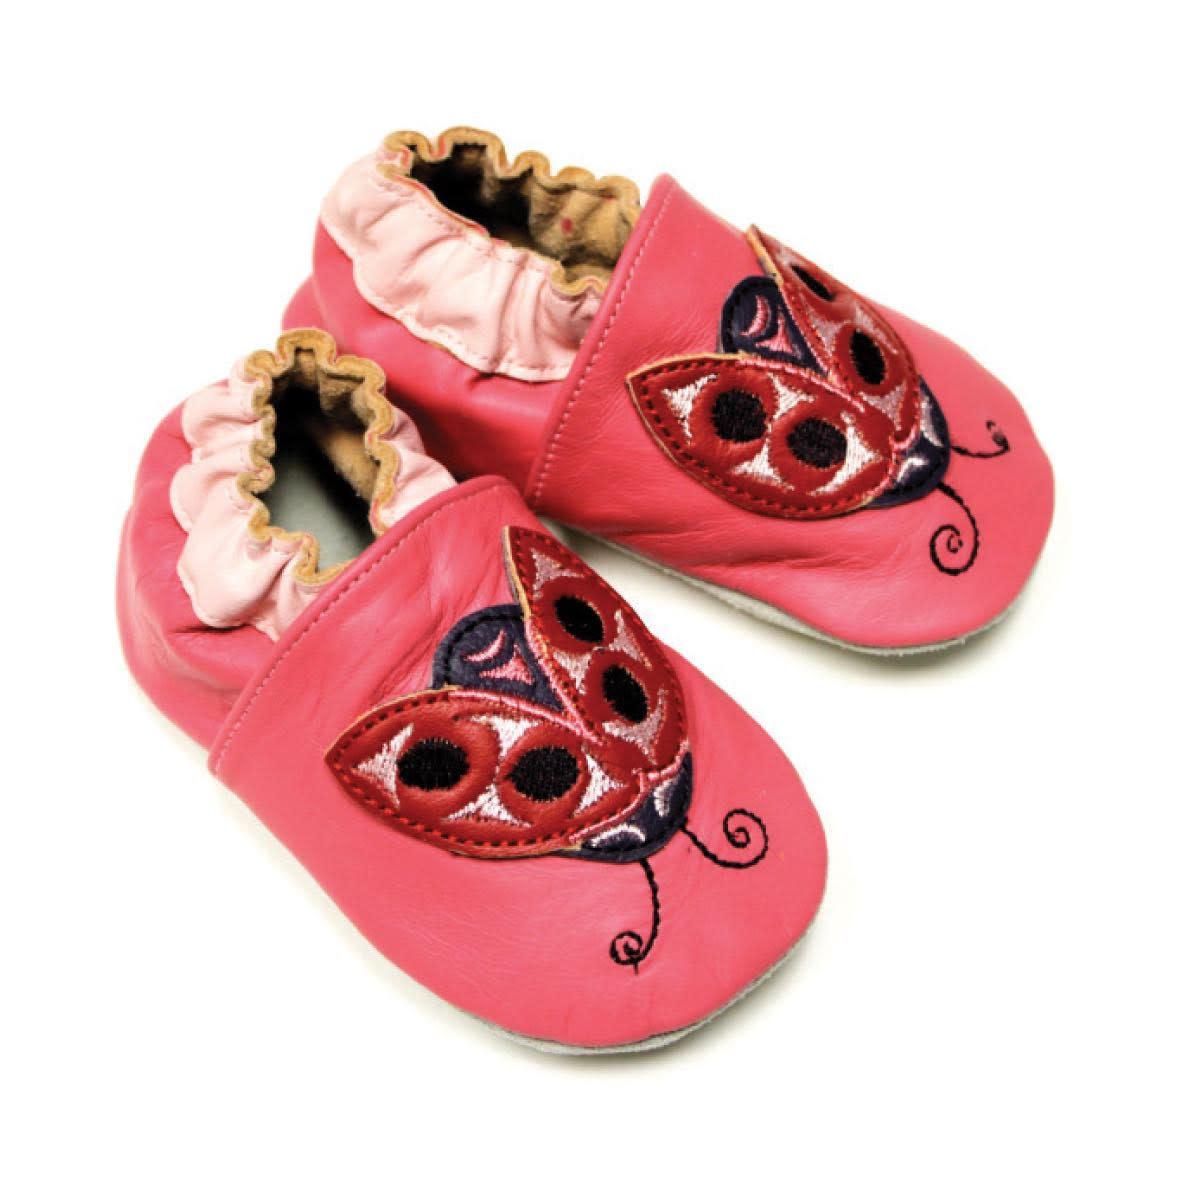 Baby Shoes-Ladybug by Doug LaFortune-1